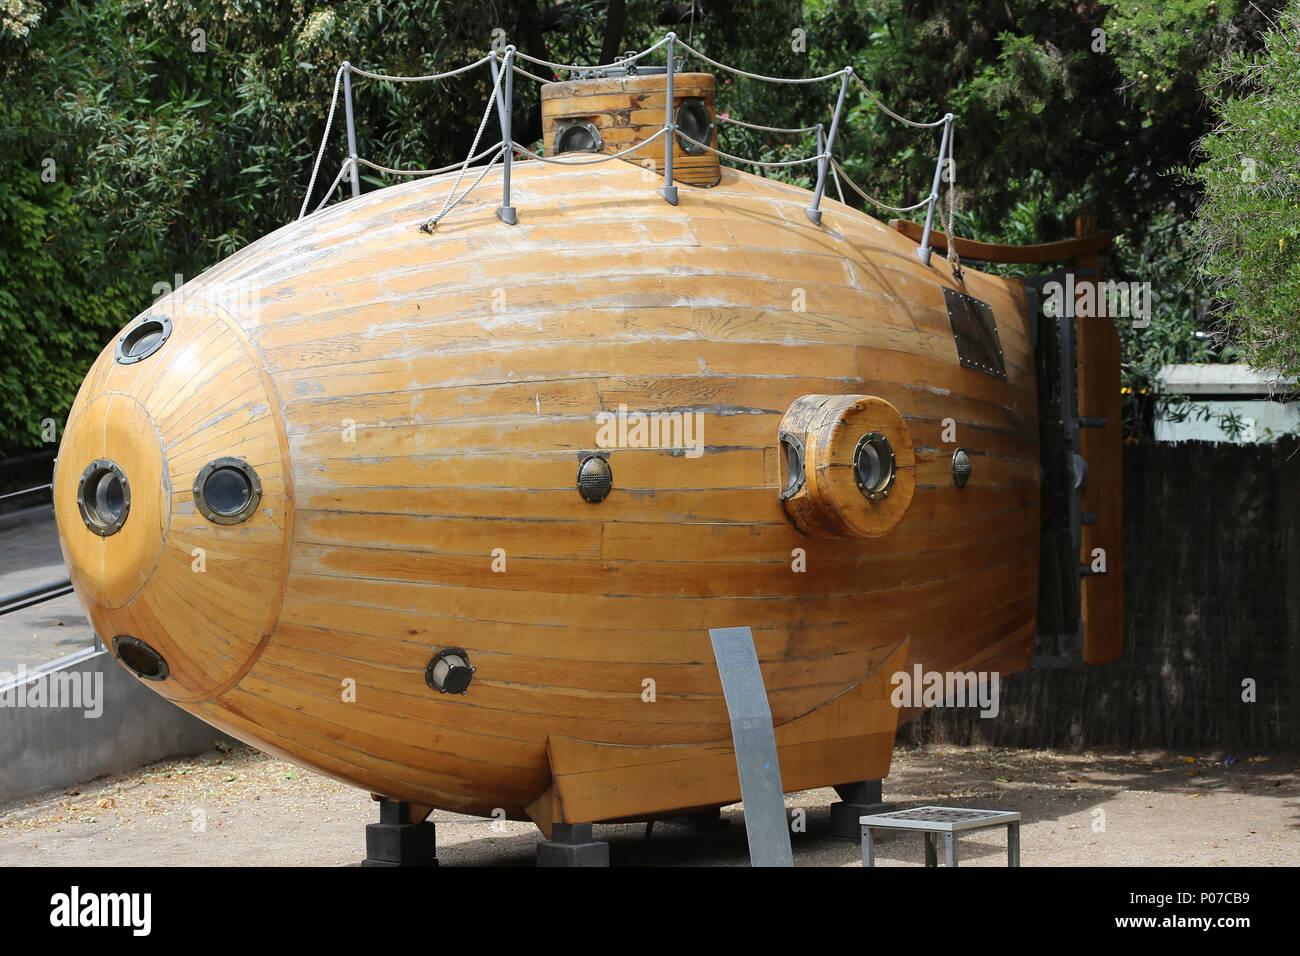 Ictineo I. fue un pionero de submarino, construido por el ingeniero Nacis Monturiol, 1858-59. Barcelona, España. Imagen De Stock